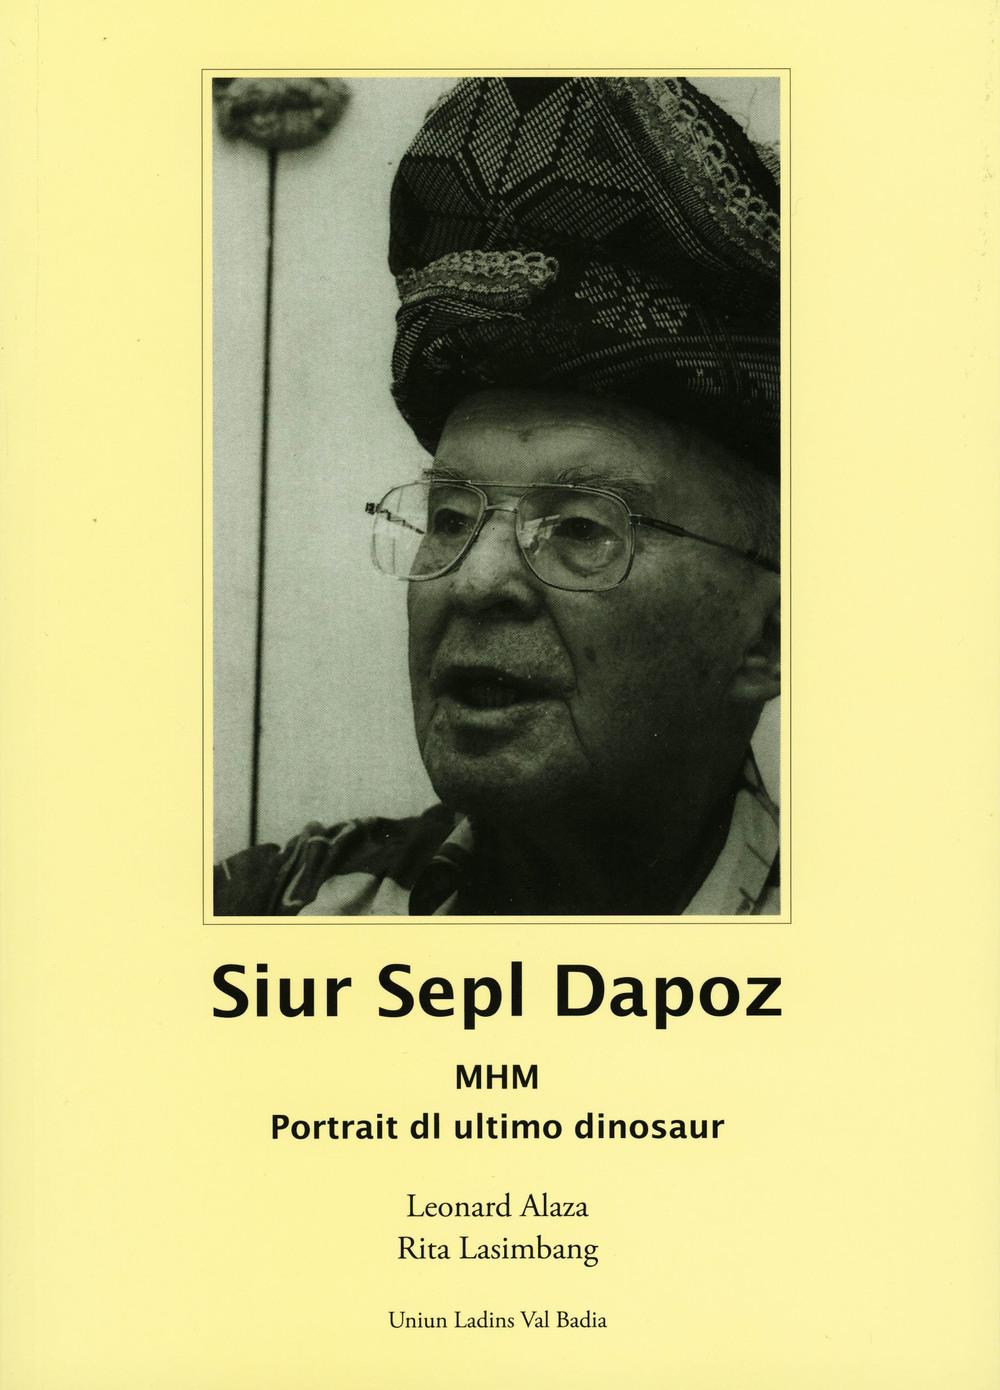 SIUR SEPL DAPOZ